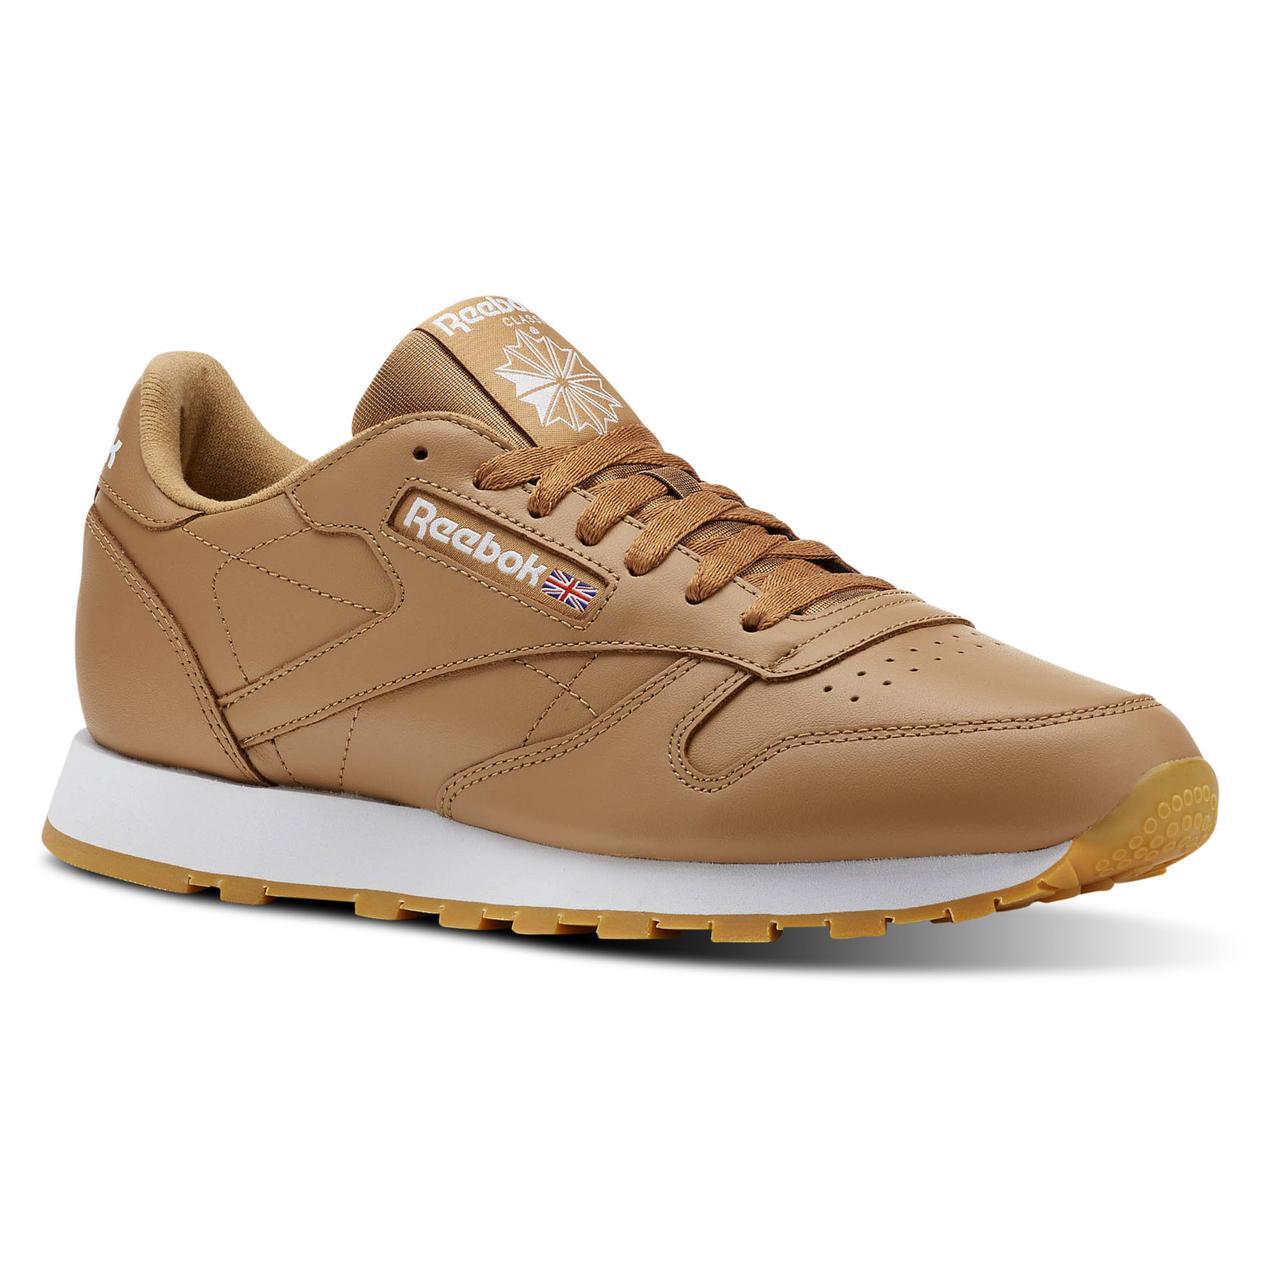 Мужские кроссовки Reebok Classic Leather (Артикул: CN5768)